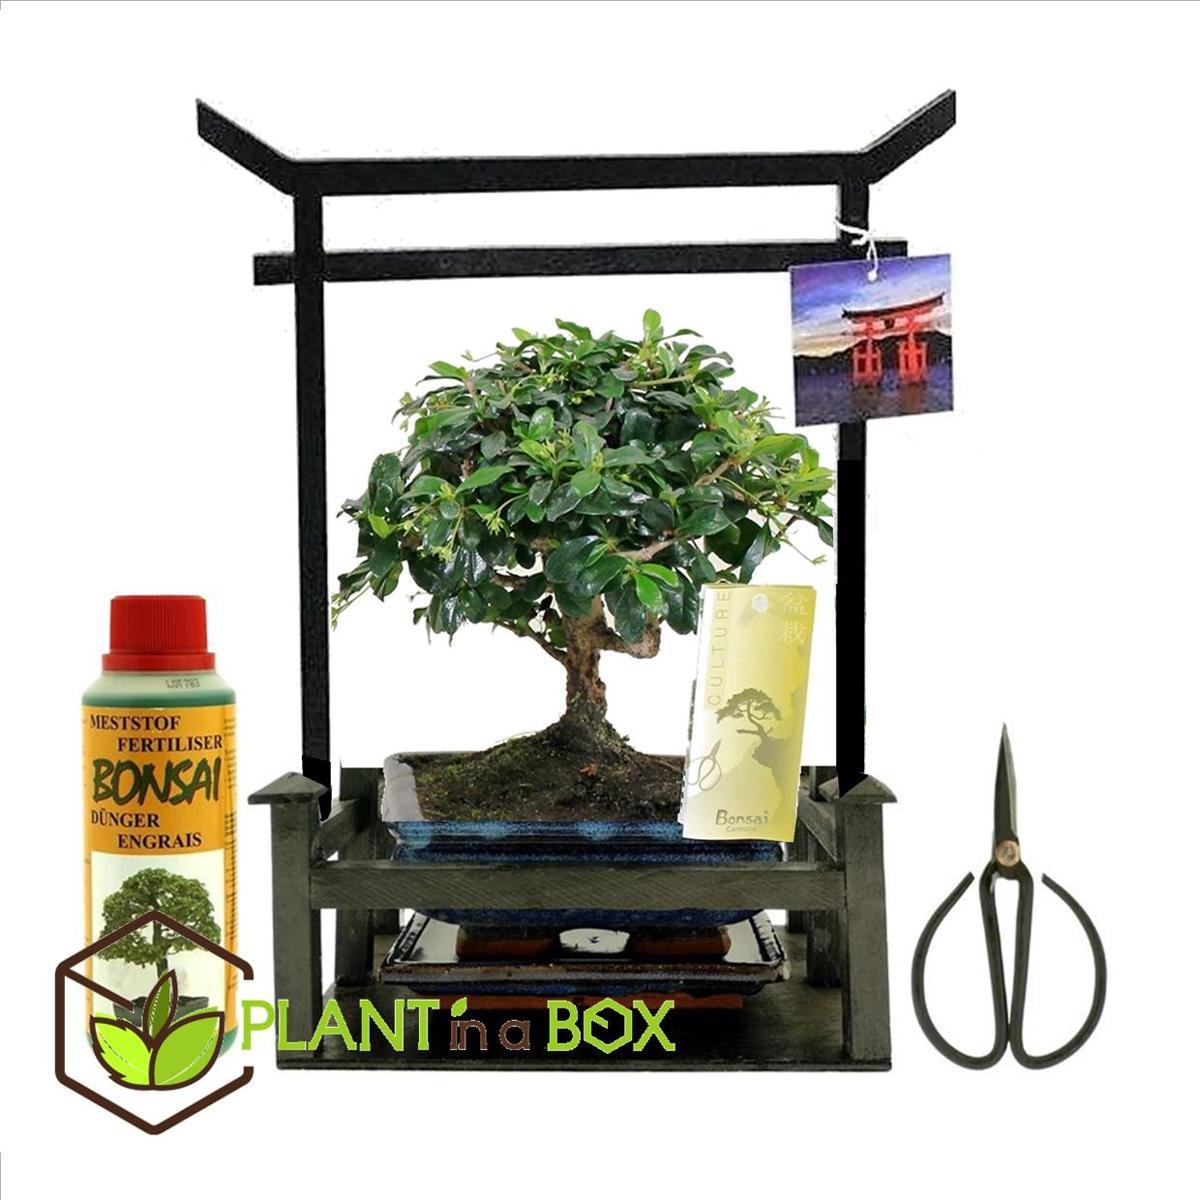 PLANT IN A BOX Bonsai in Torii - Starterkit - Inclusief voeding en bonsai schaartje - Hoogte ↕ 30 - 40 cm